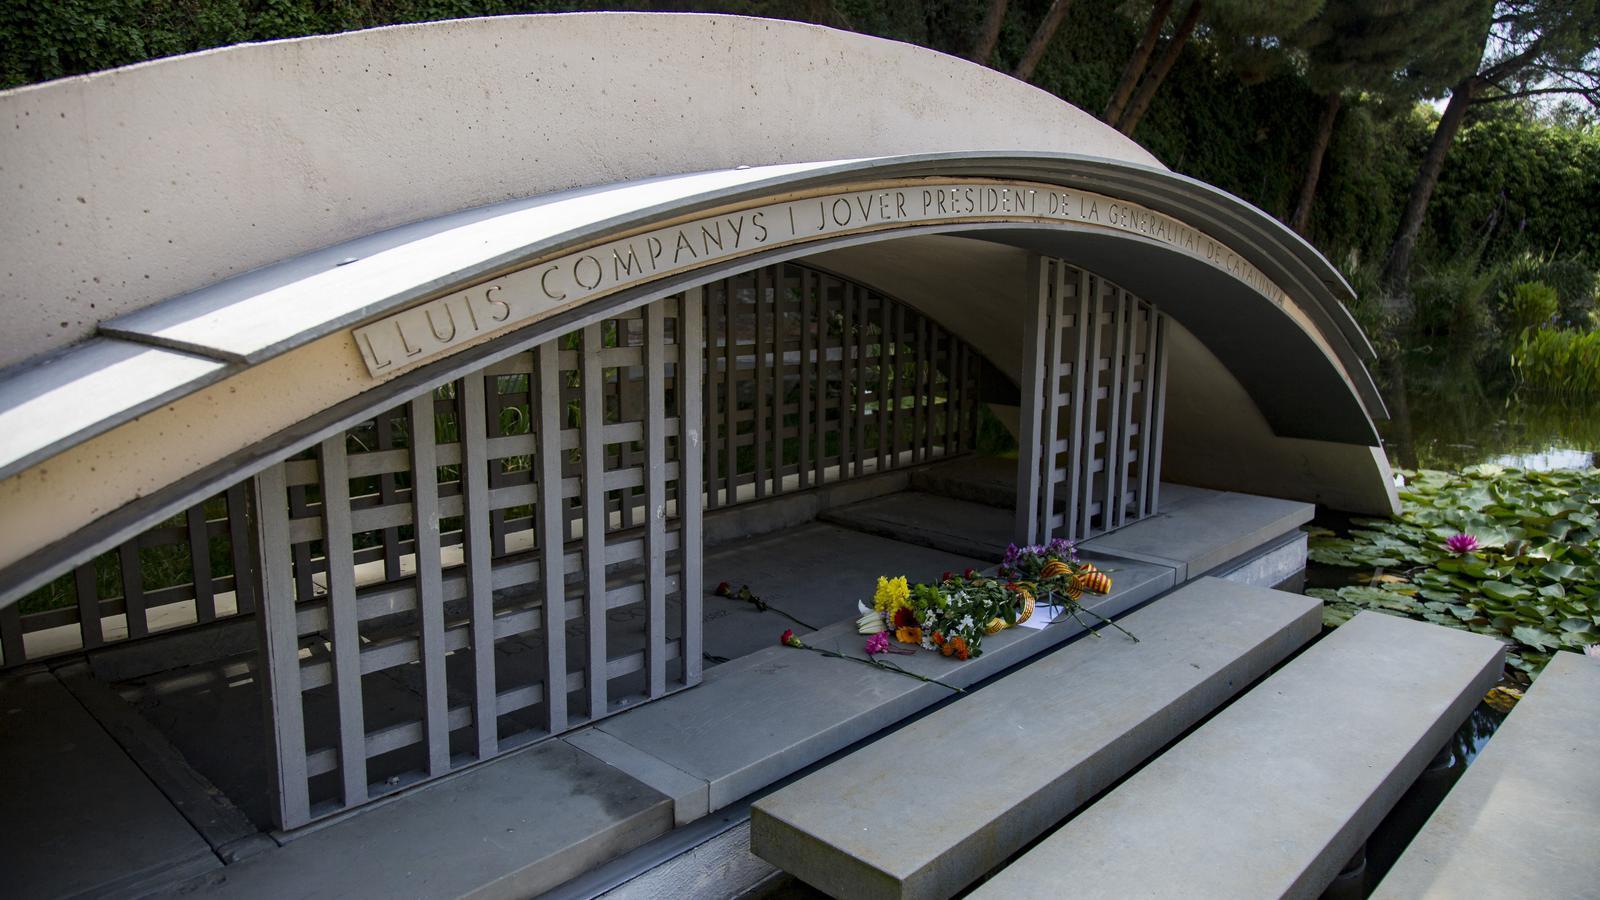 La tomba de Lluis Companys